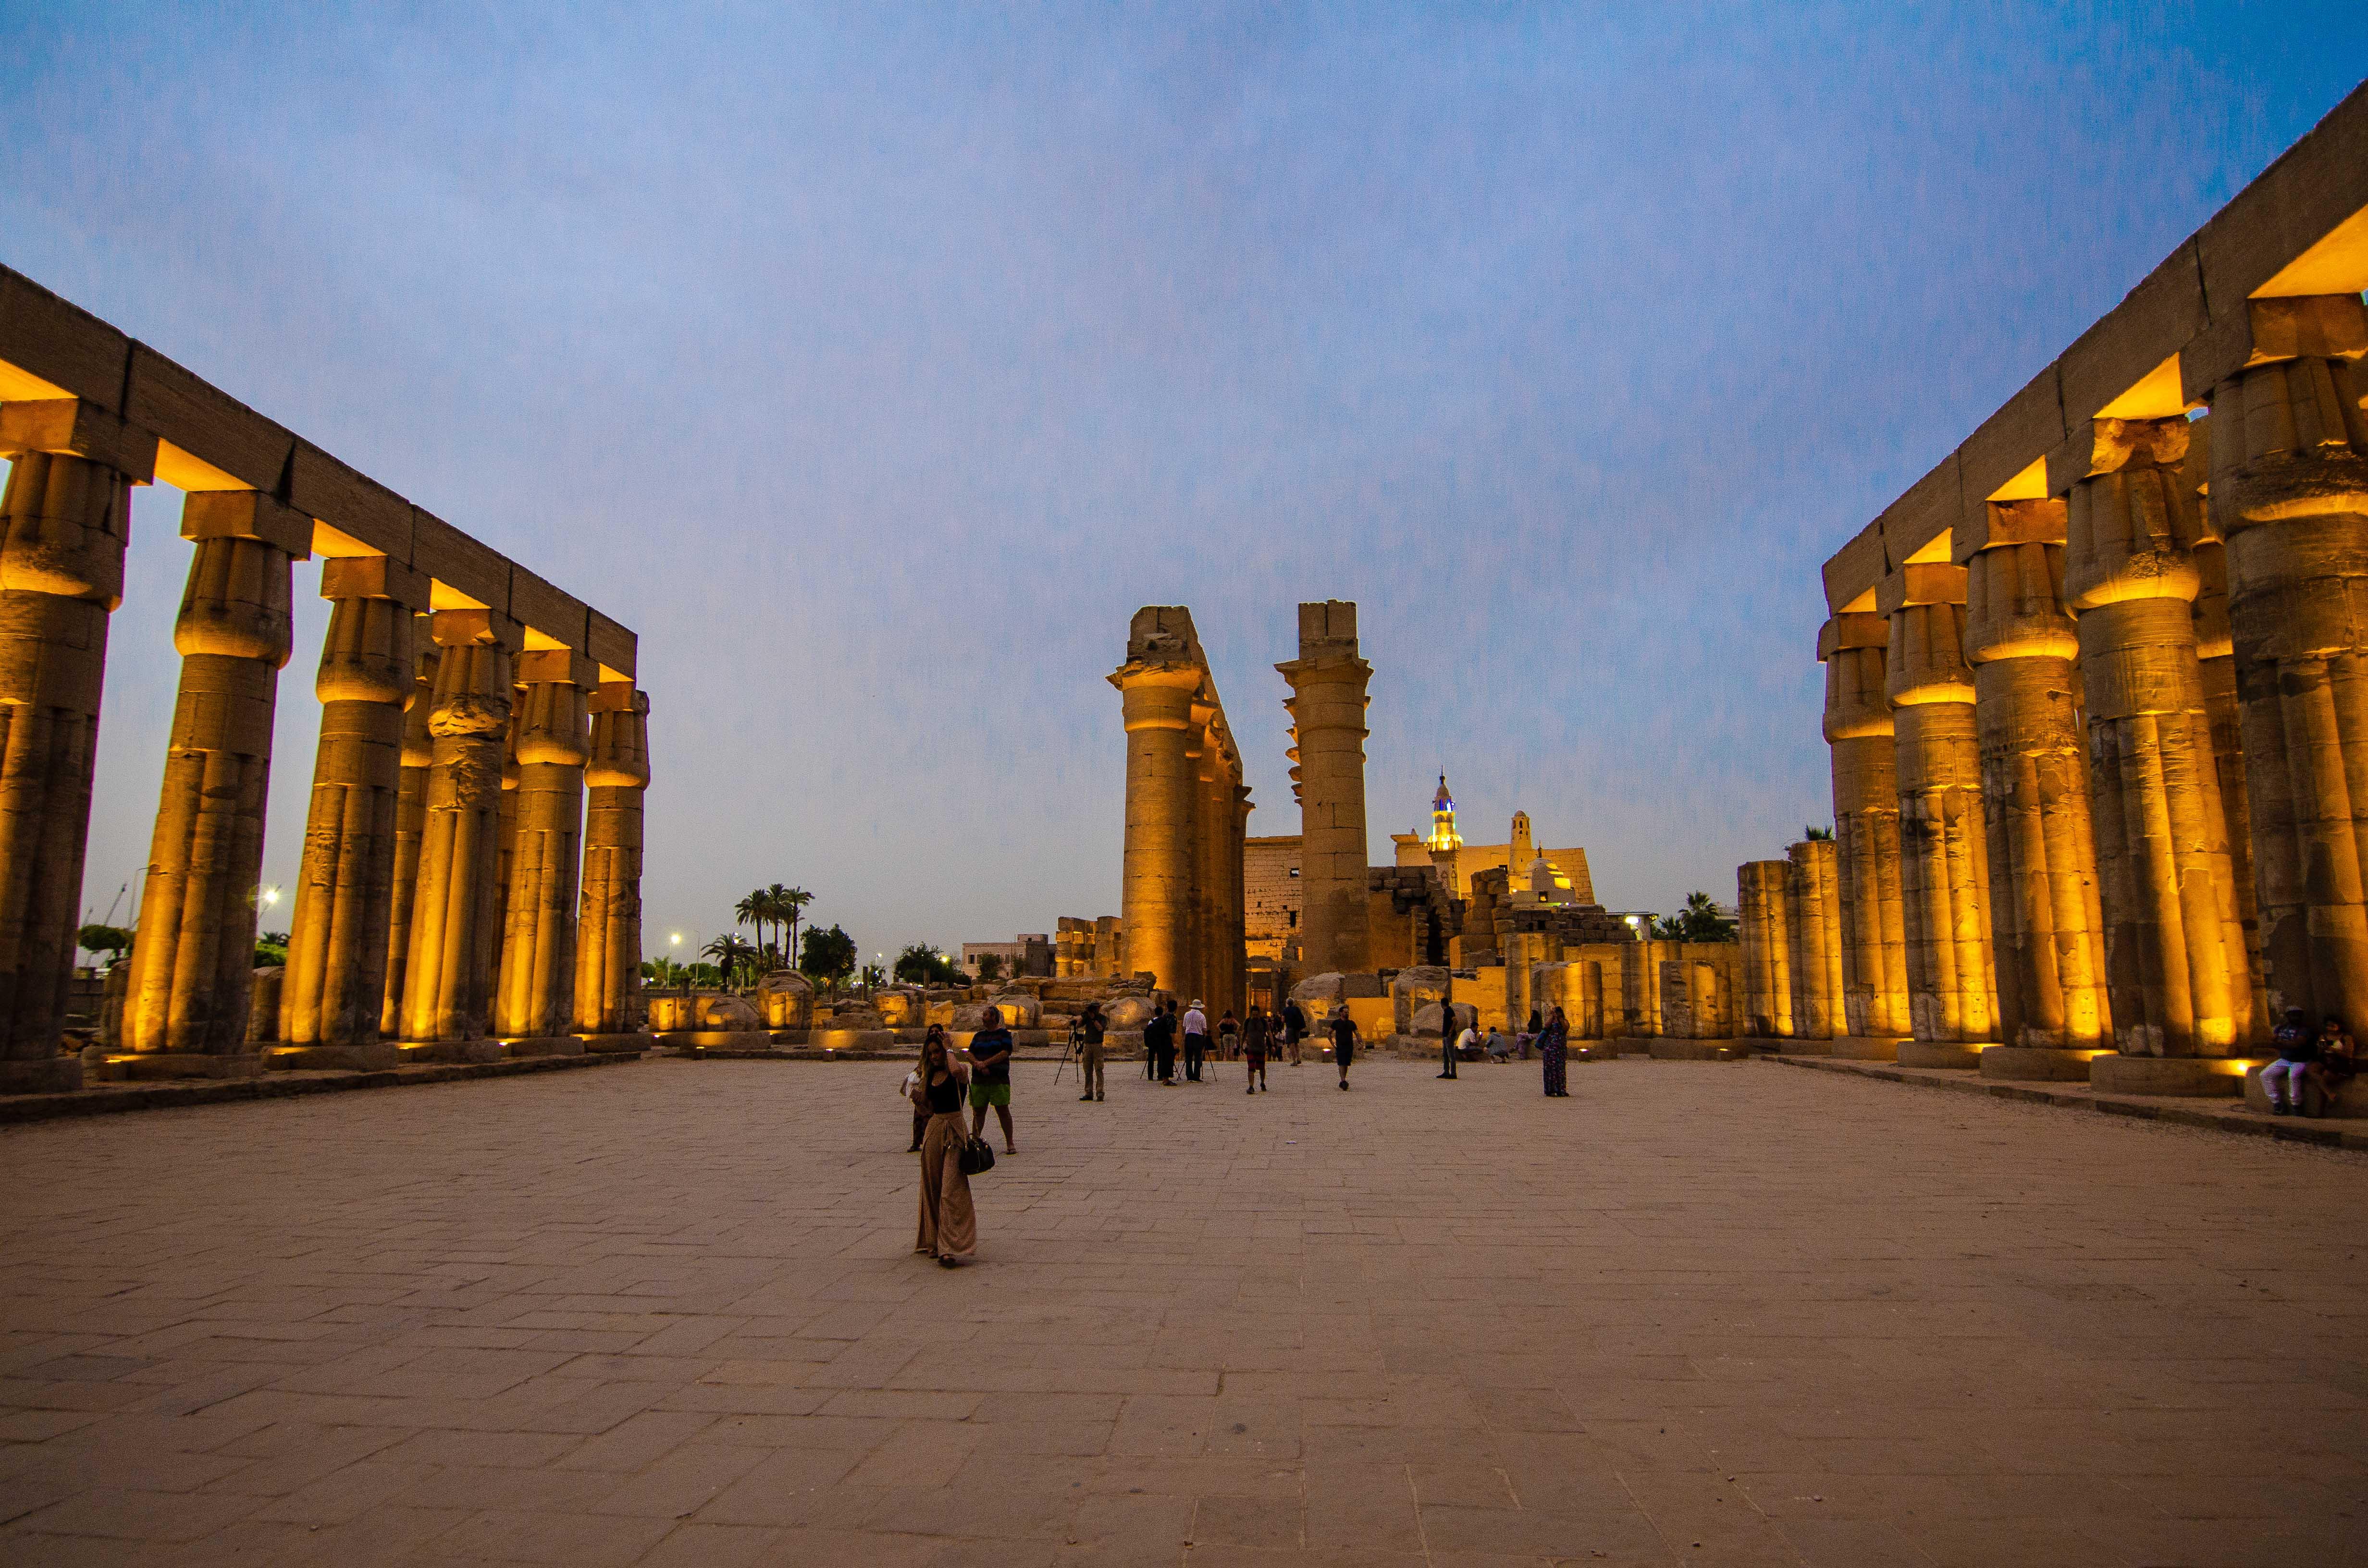 Erika_Templo de Luxor 2